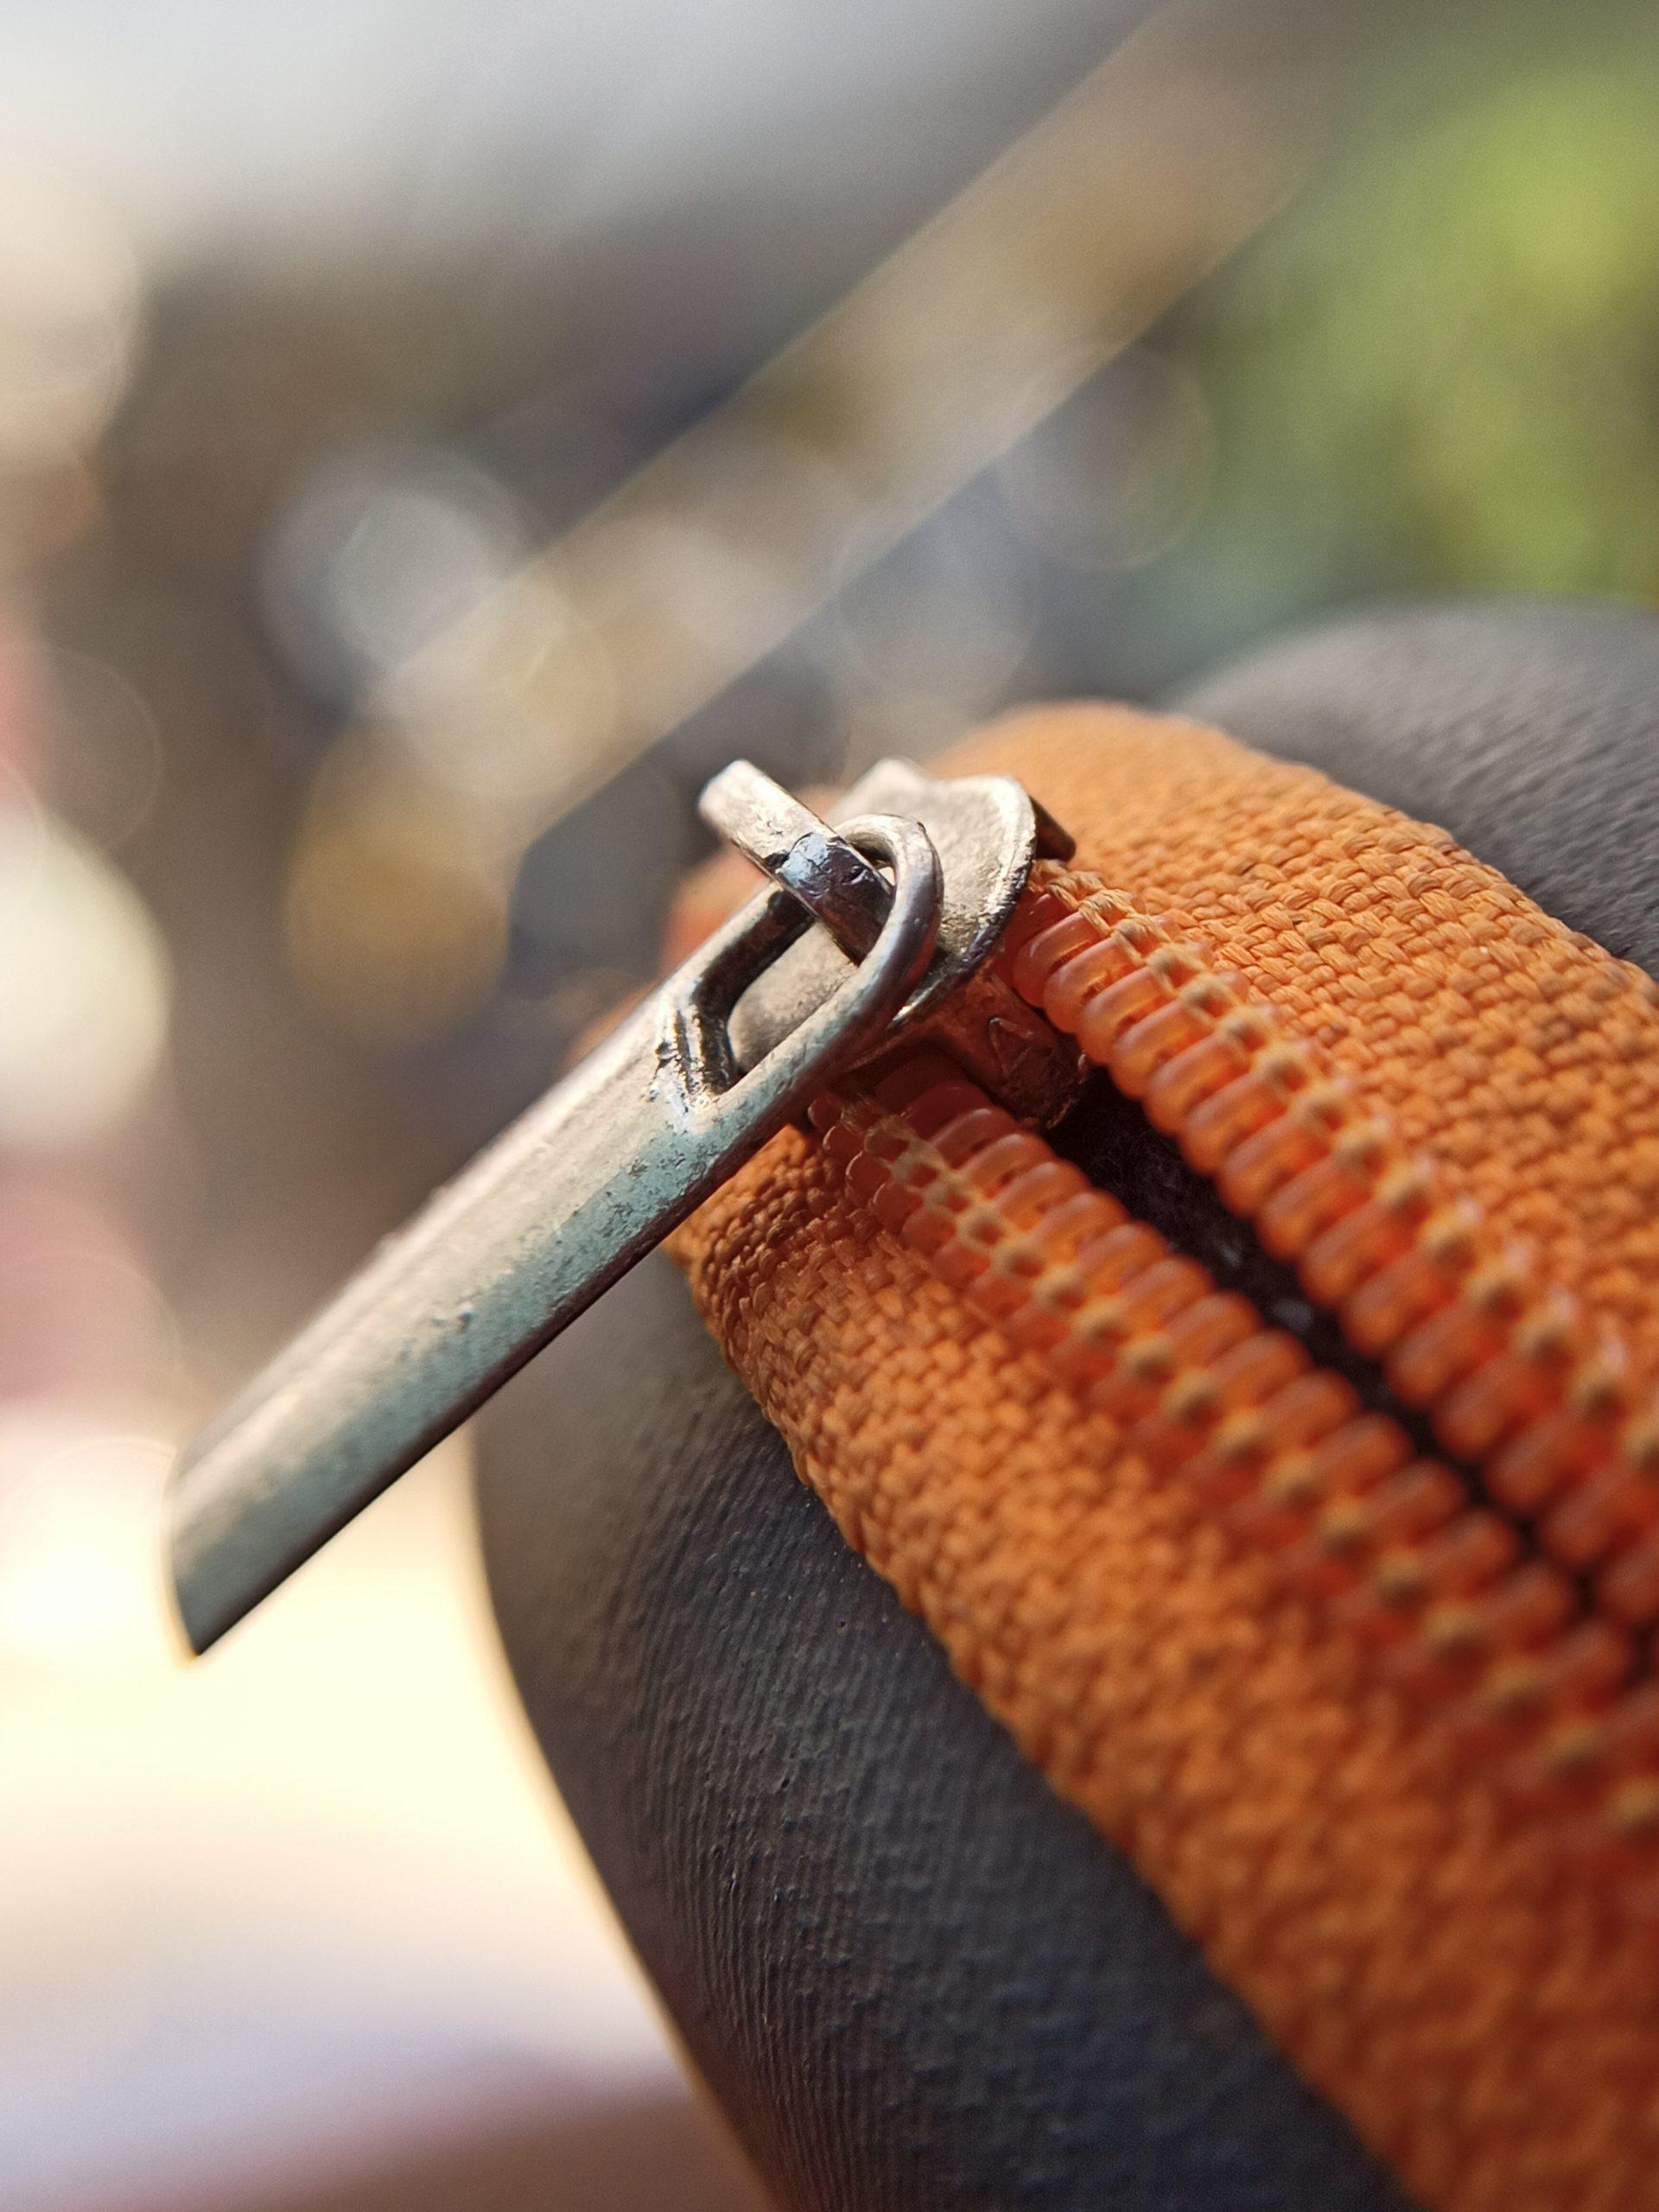 Zip of a bag